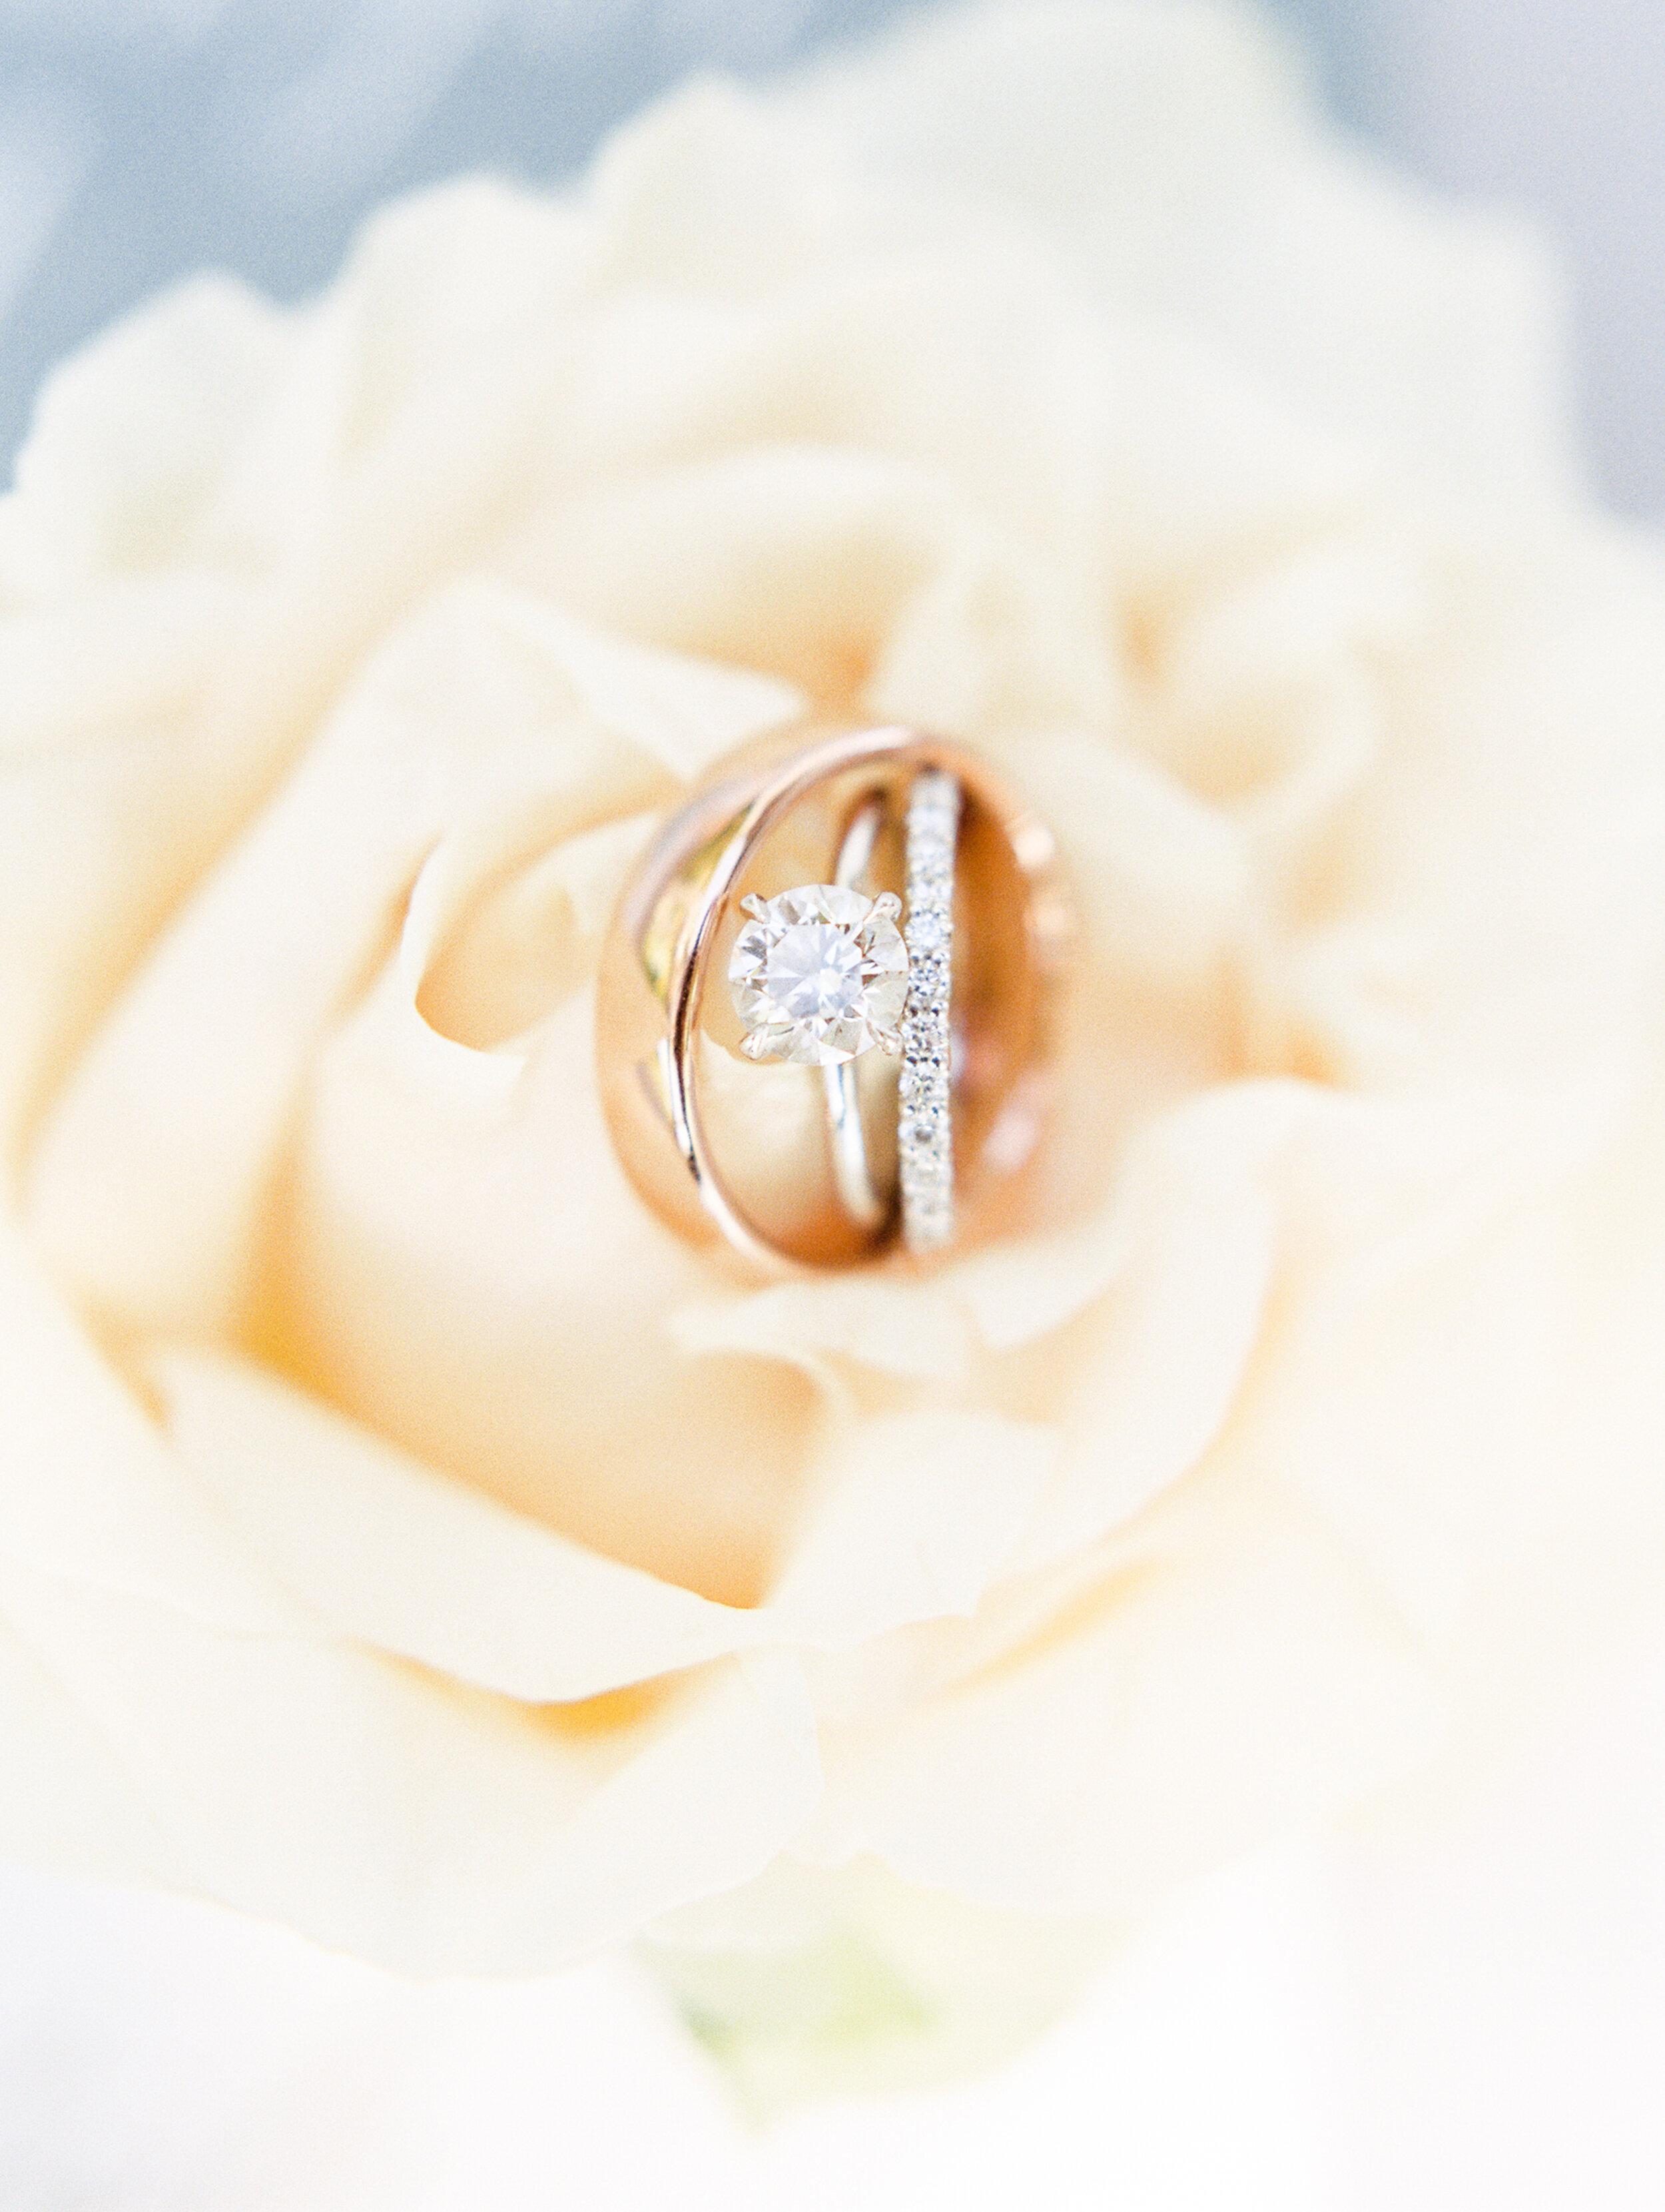 Steinlage+Wedding+Details-10.jpg